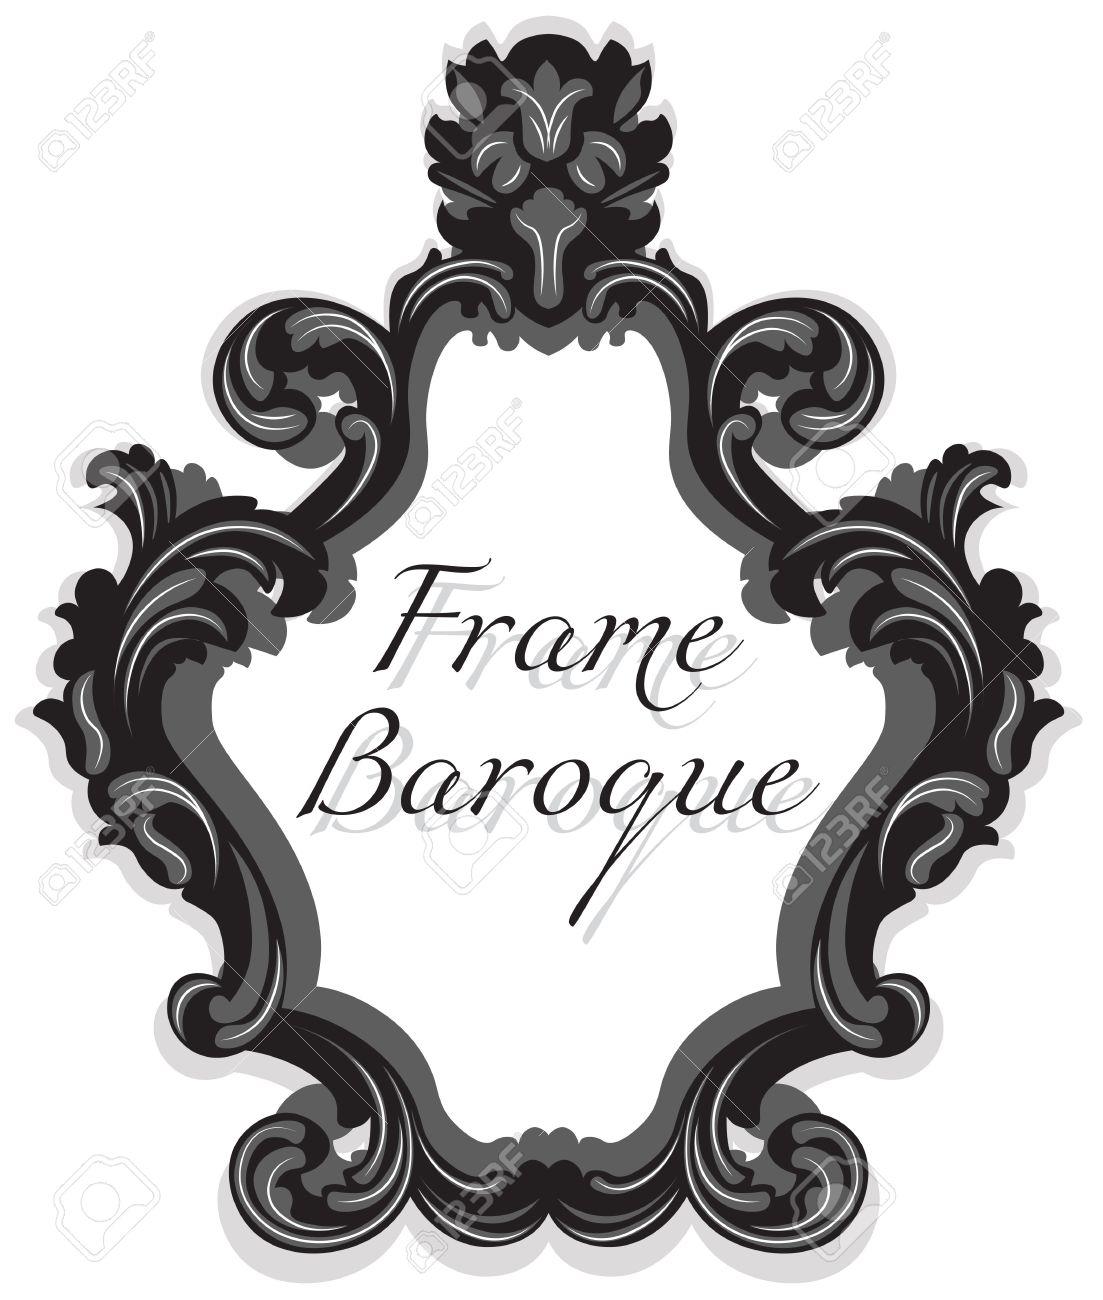 Establece El Marco Barroco Rococó Espejo. Vector De Lujo Francesa ...